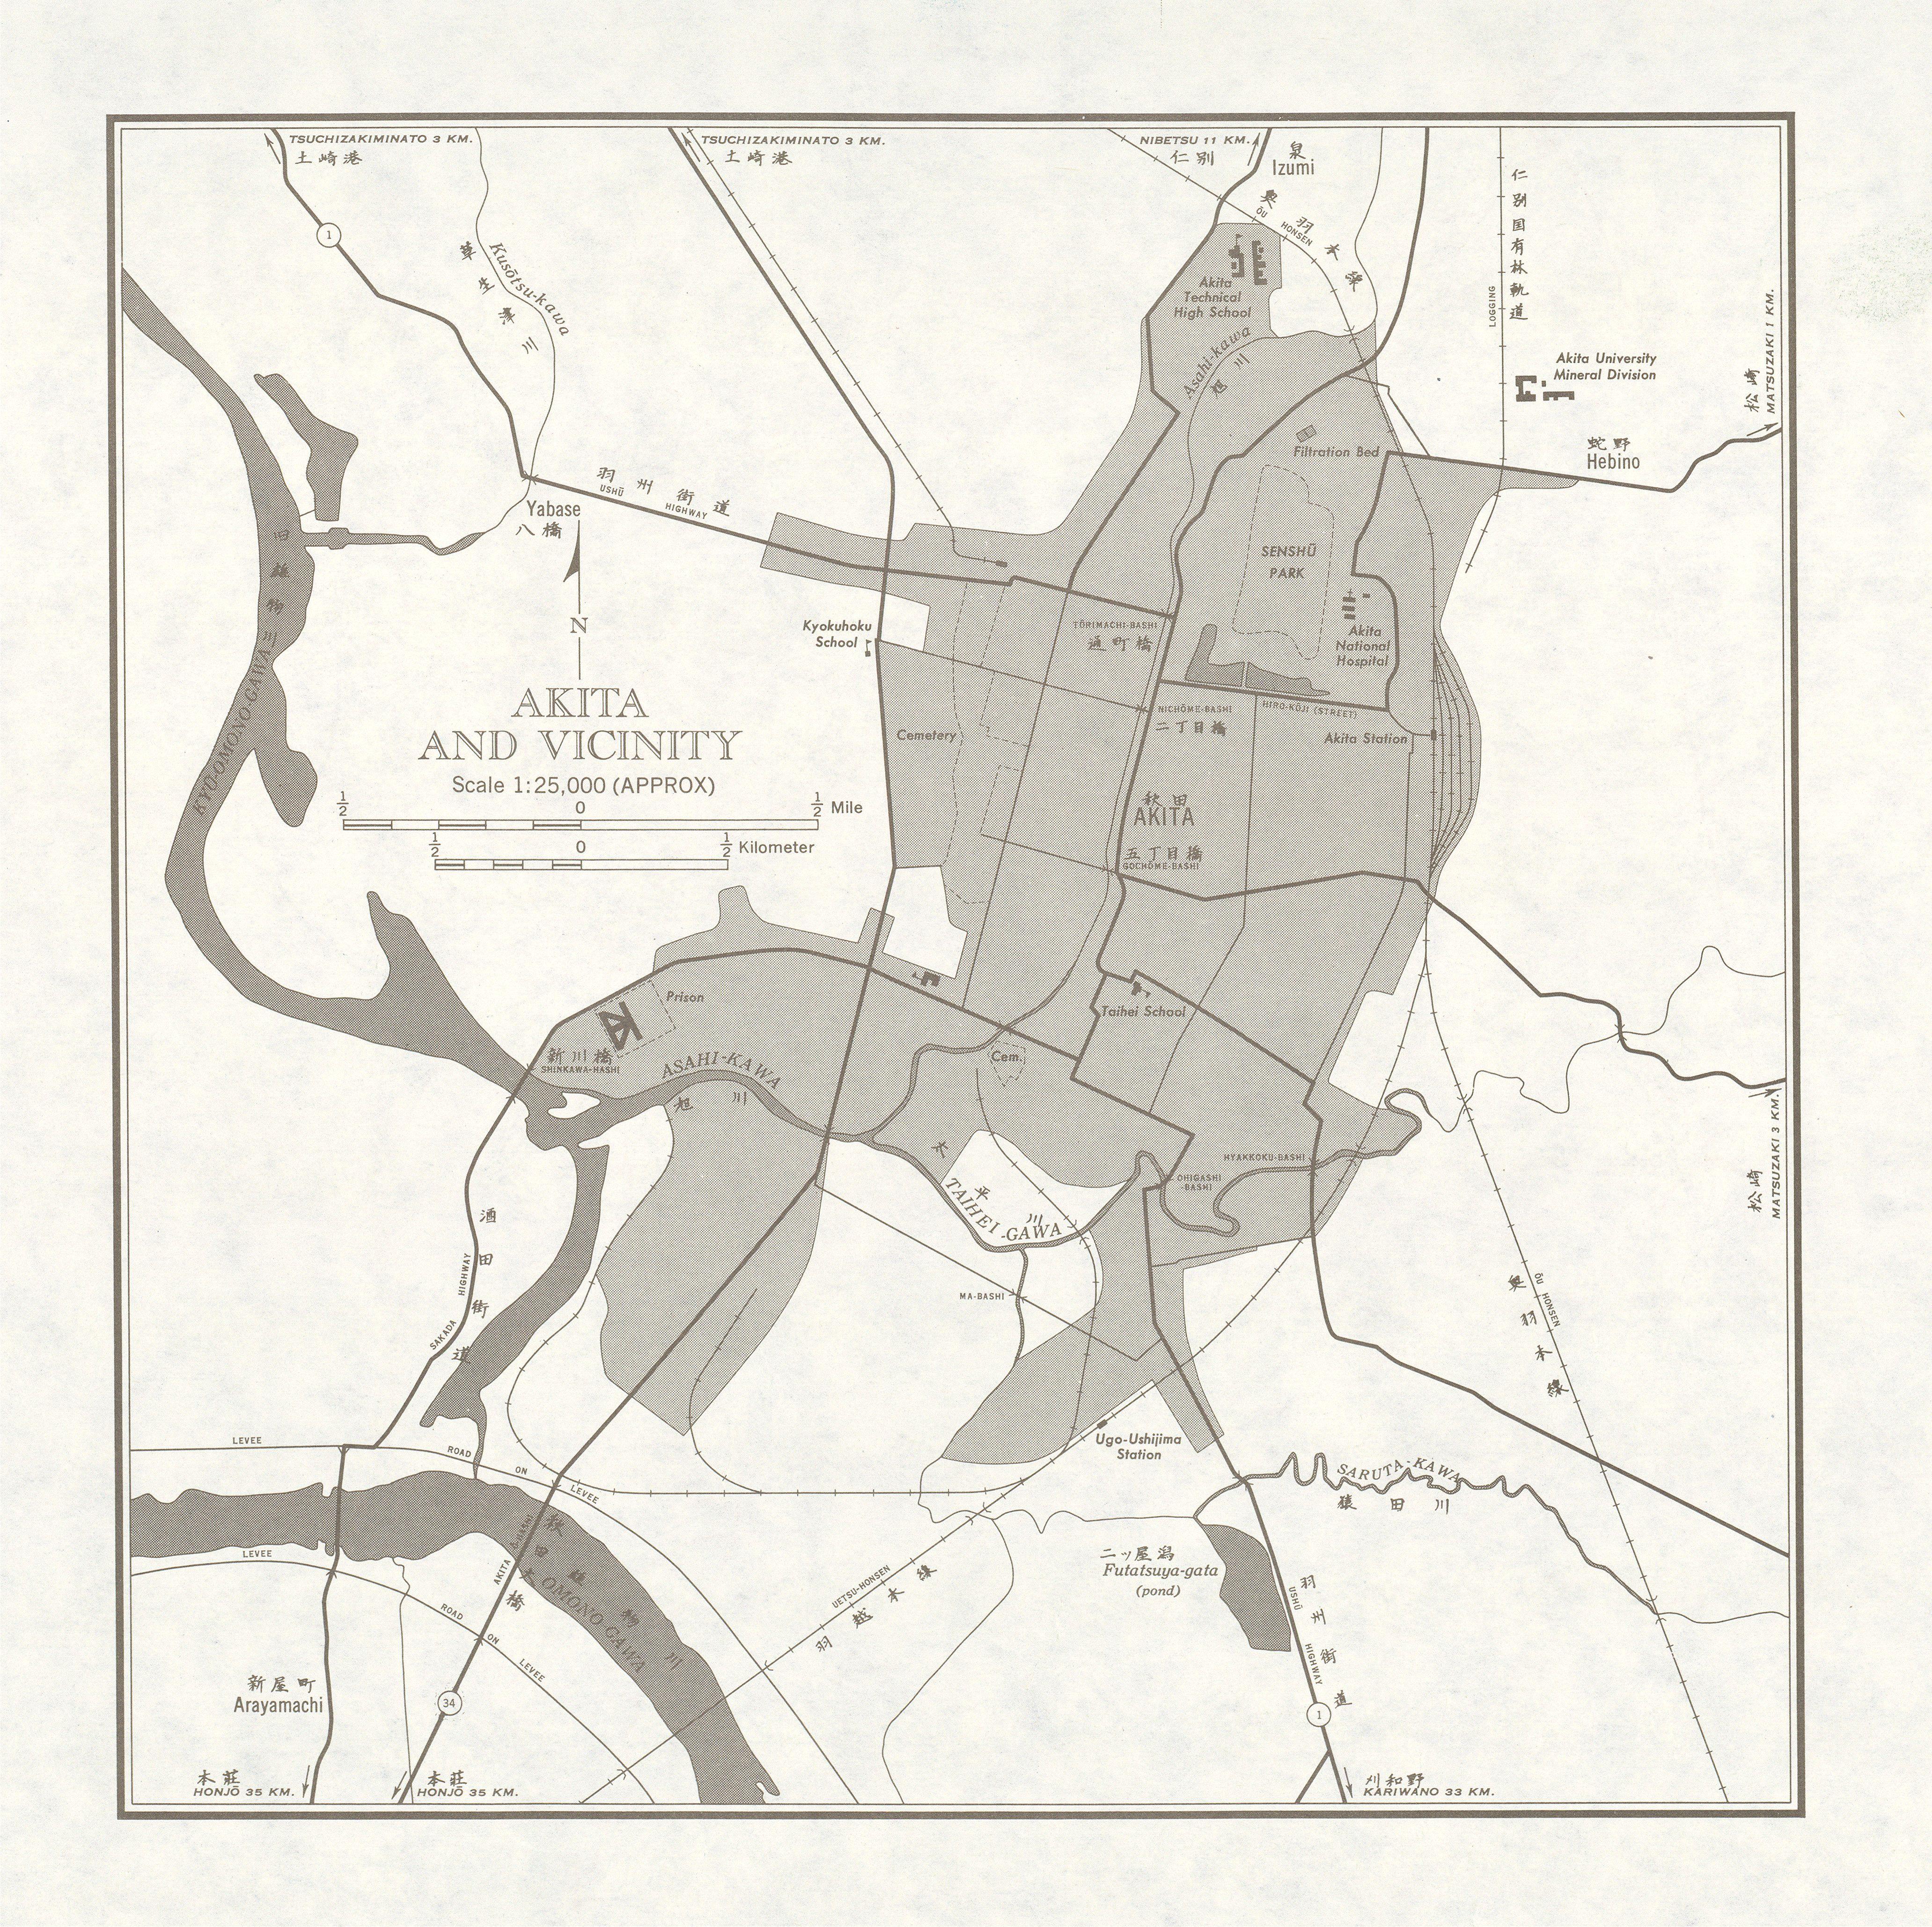 Mapa de Akita y Cercanías, Japón 1954